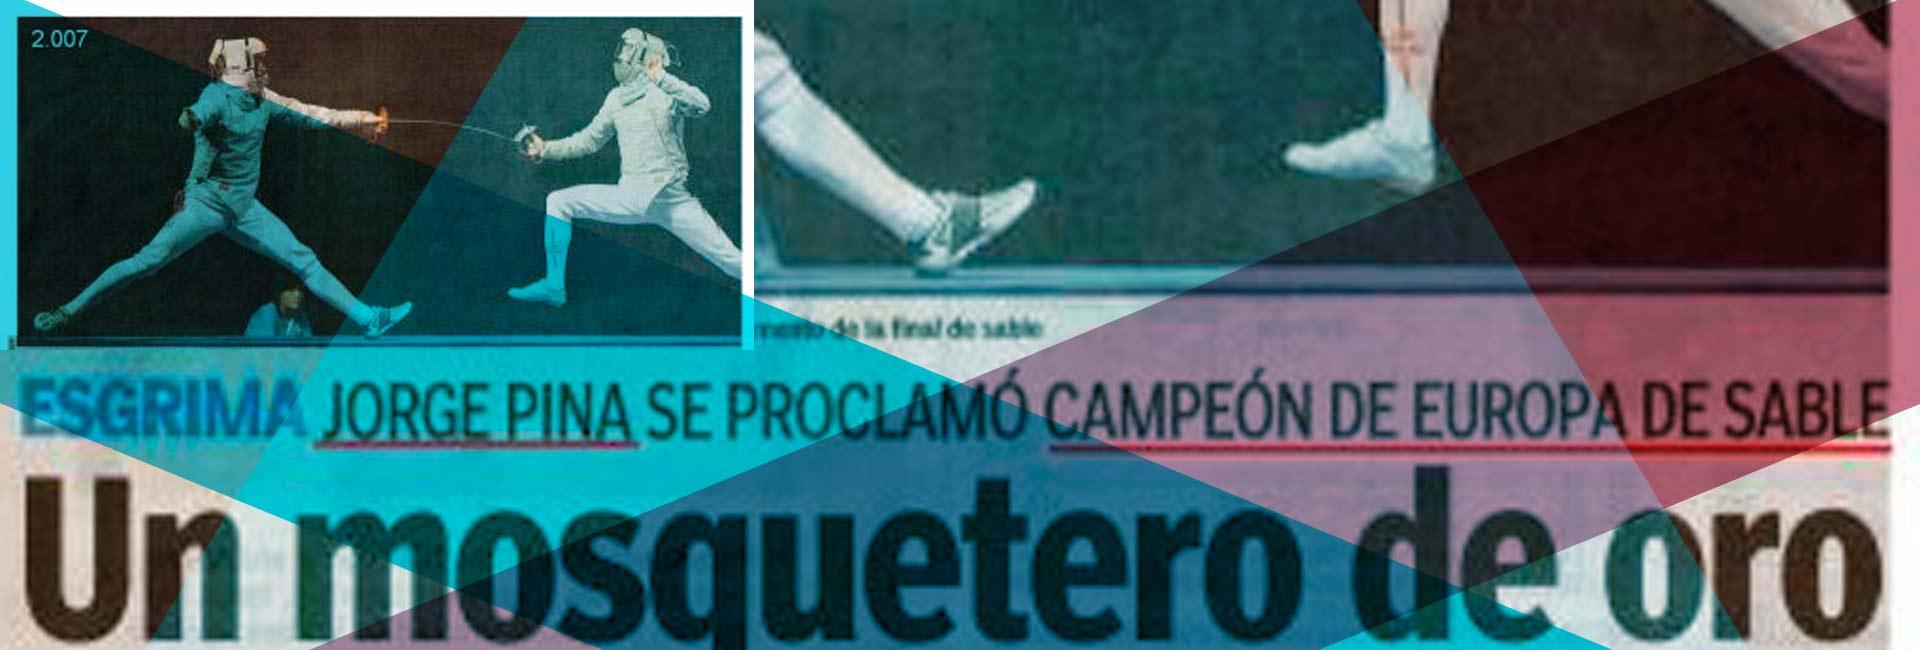 Esgrima: Jorge Pina Campeón de Europa